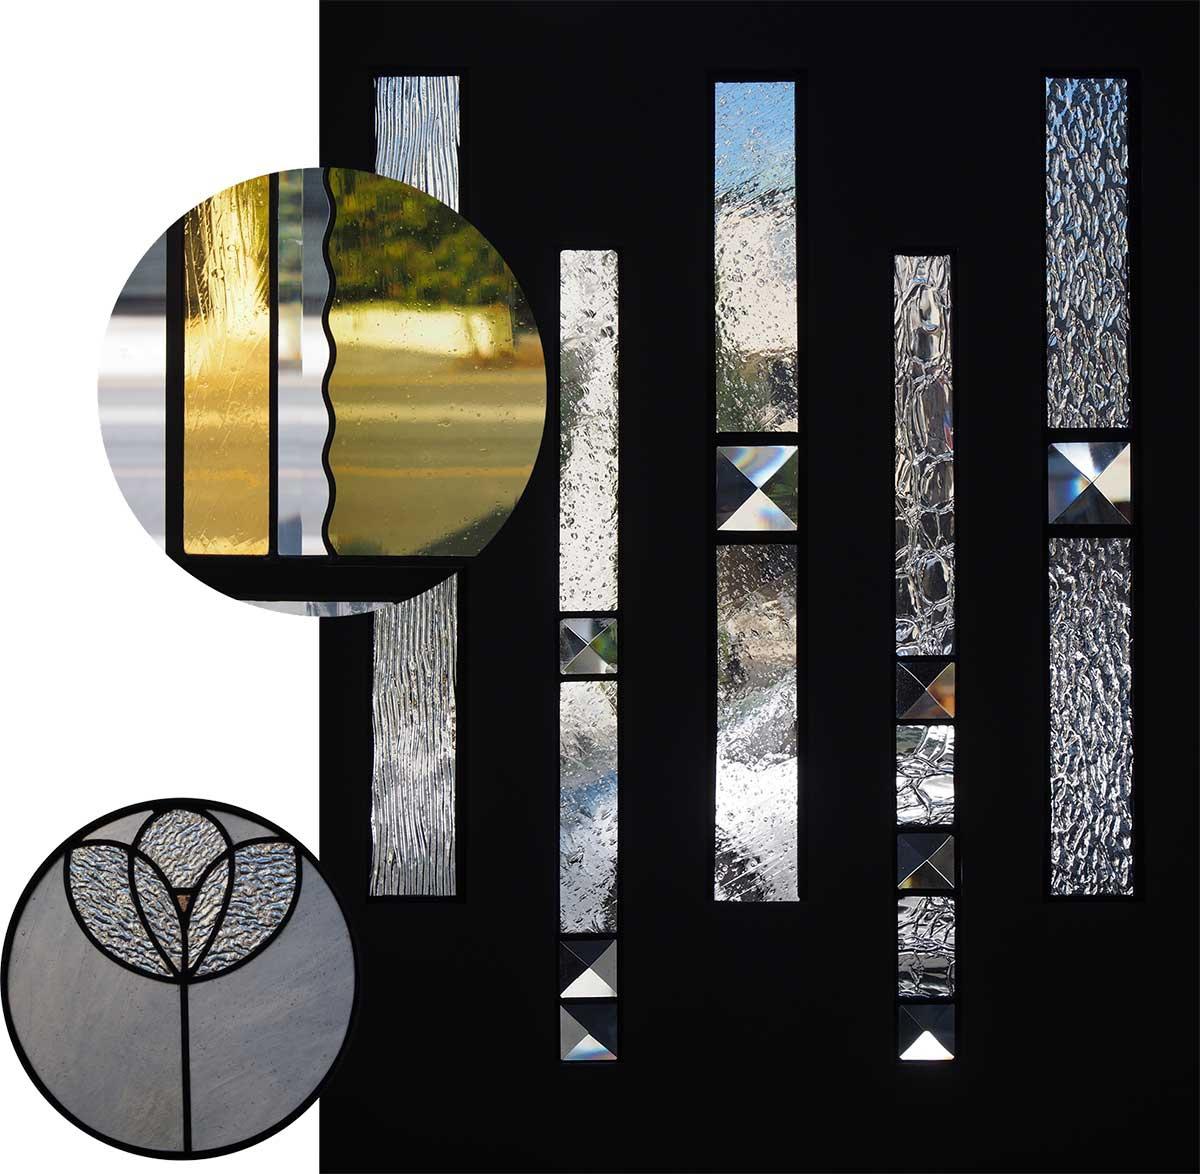 デザインプラナリア オーダーメイドステンドグラス